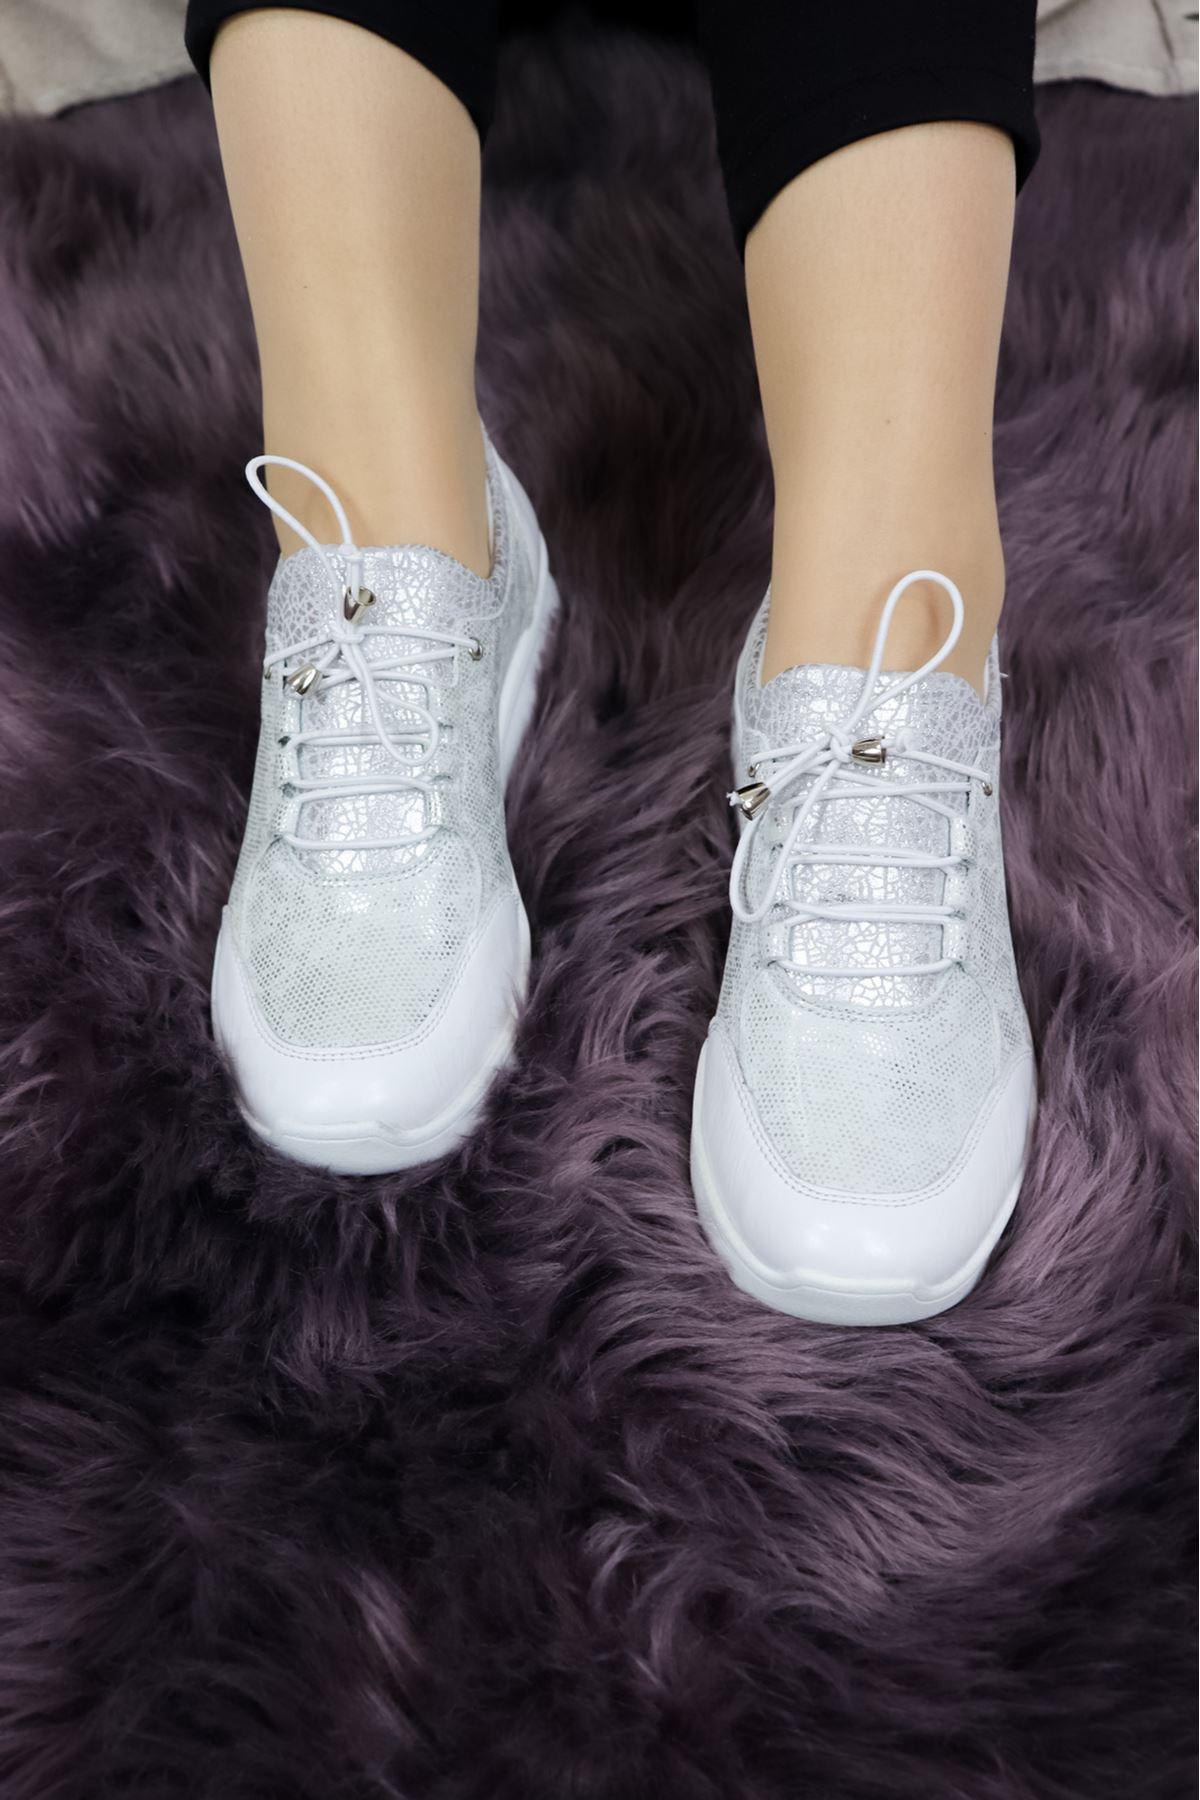 Venüs - 1901707Y - Beyaz Lastikli Kadın Ayakkabısı